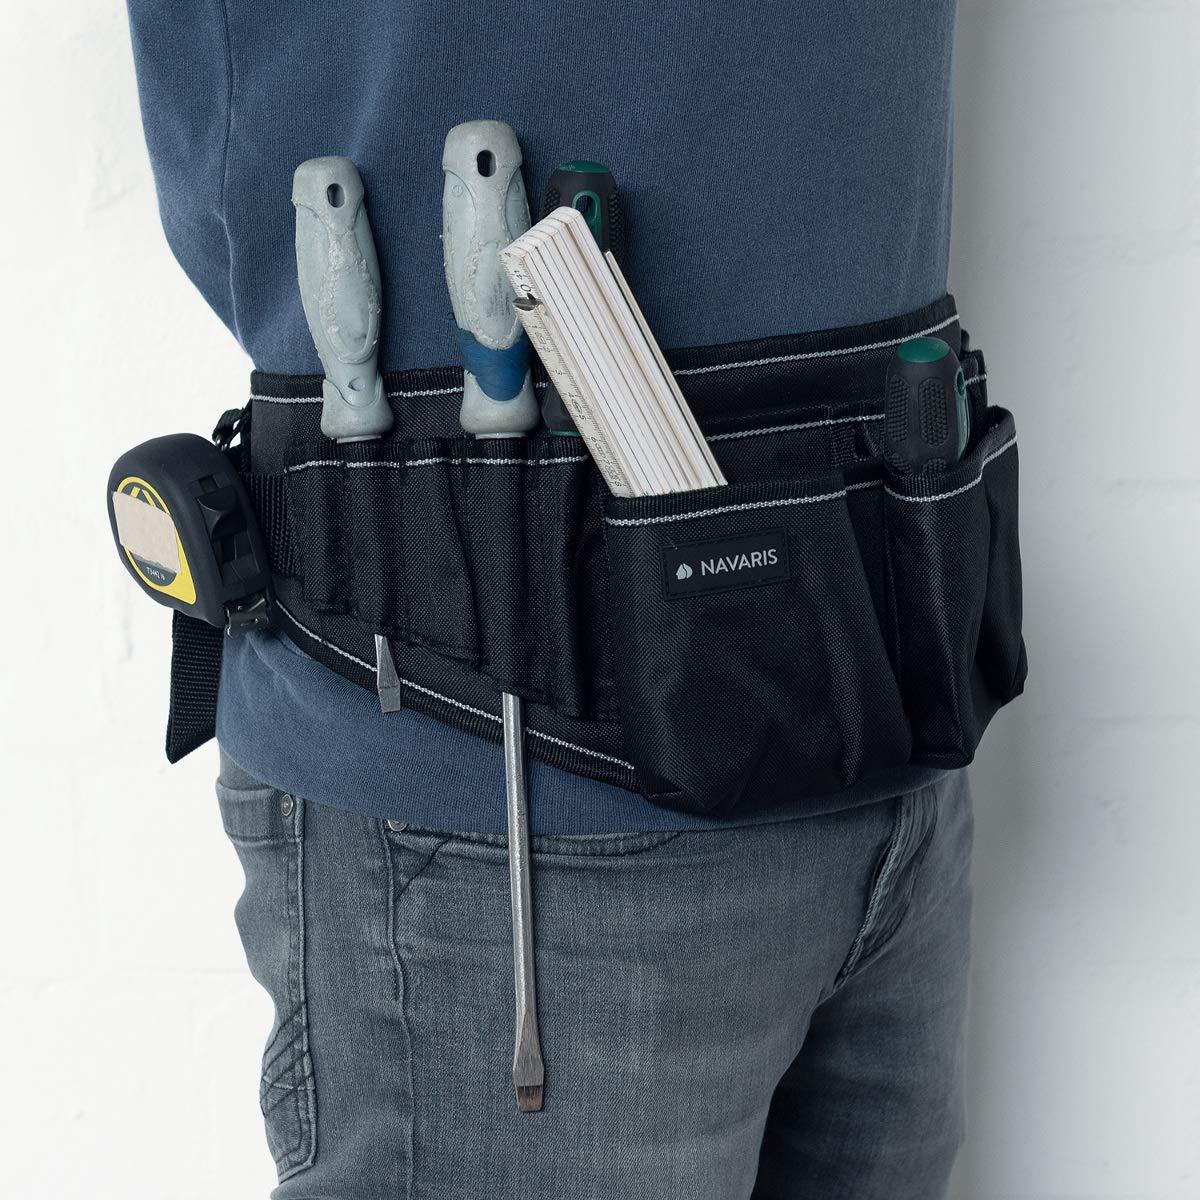 Porta herramientas con varios compartimientos Organizador de herramientas con correa en negro gris Navaris Cintur/ón para herramientas con hebilla